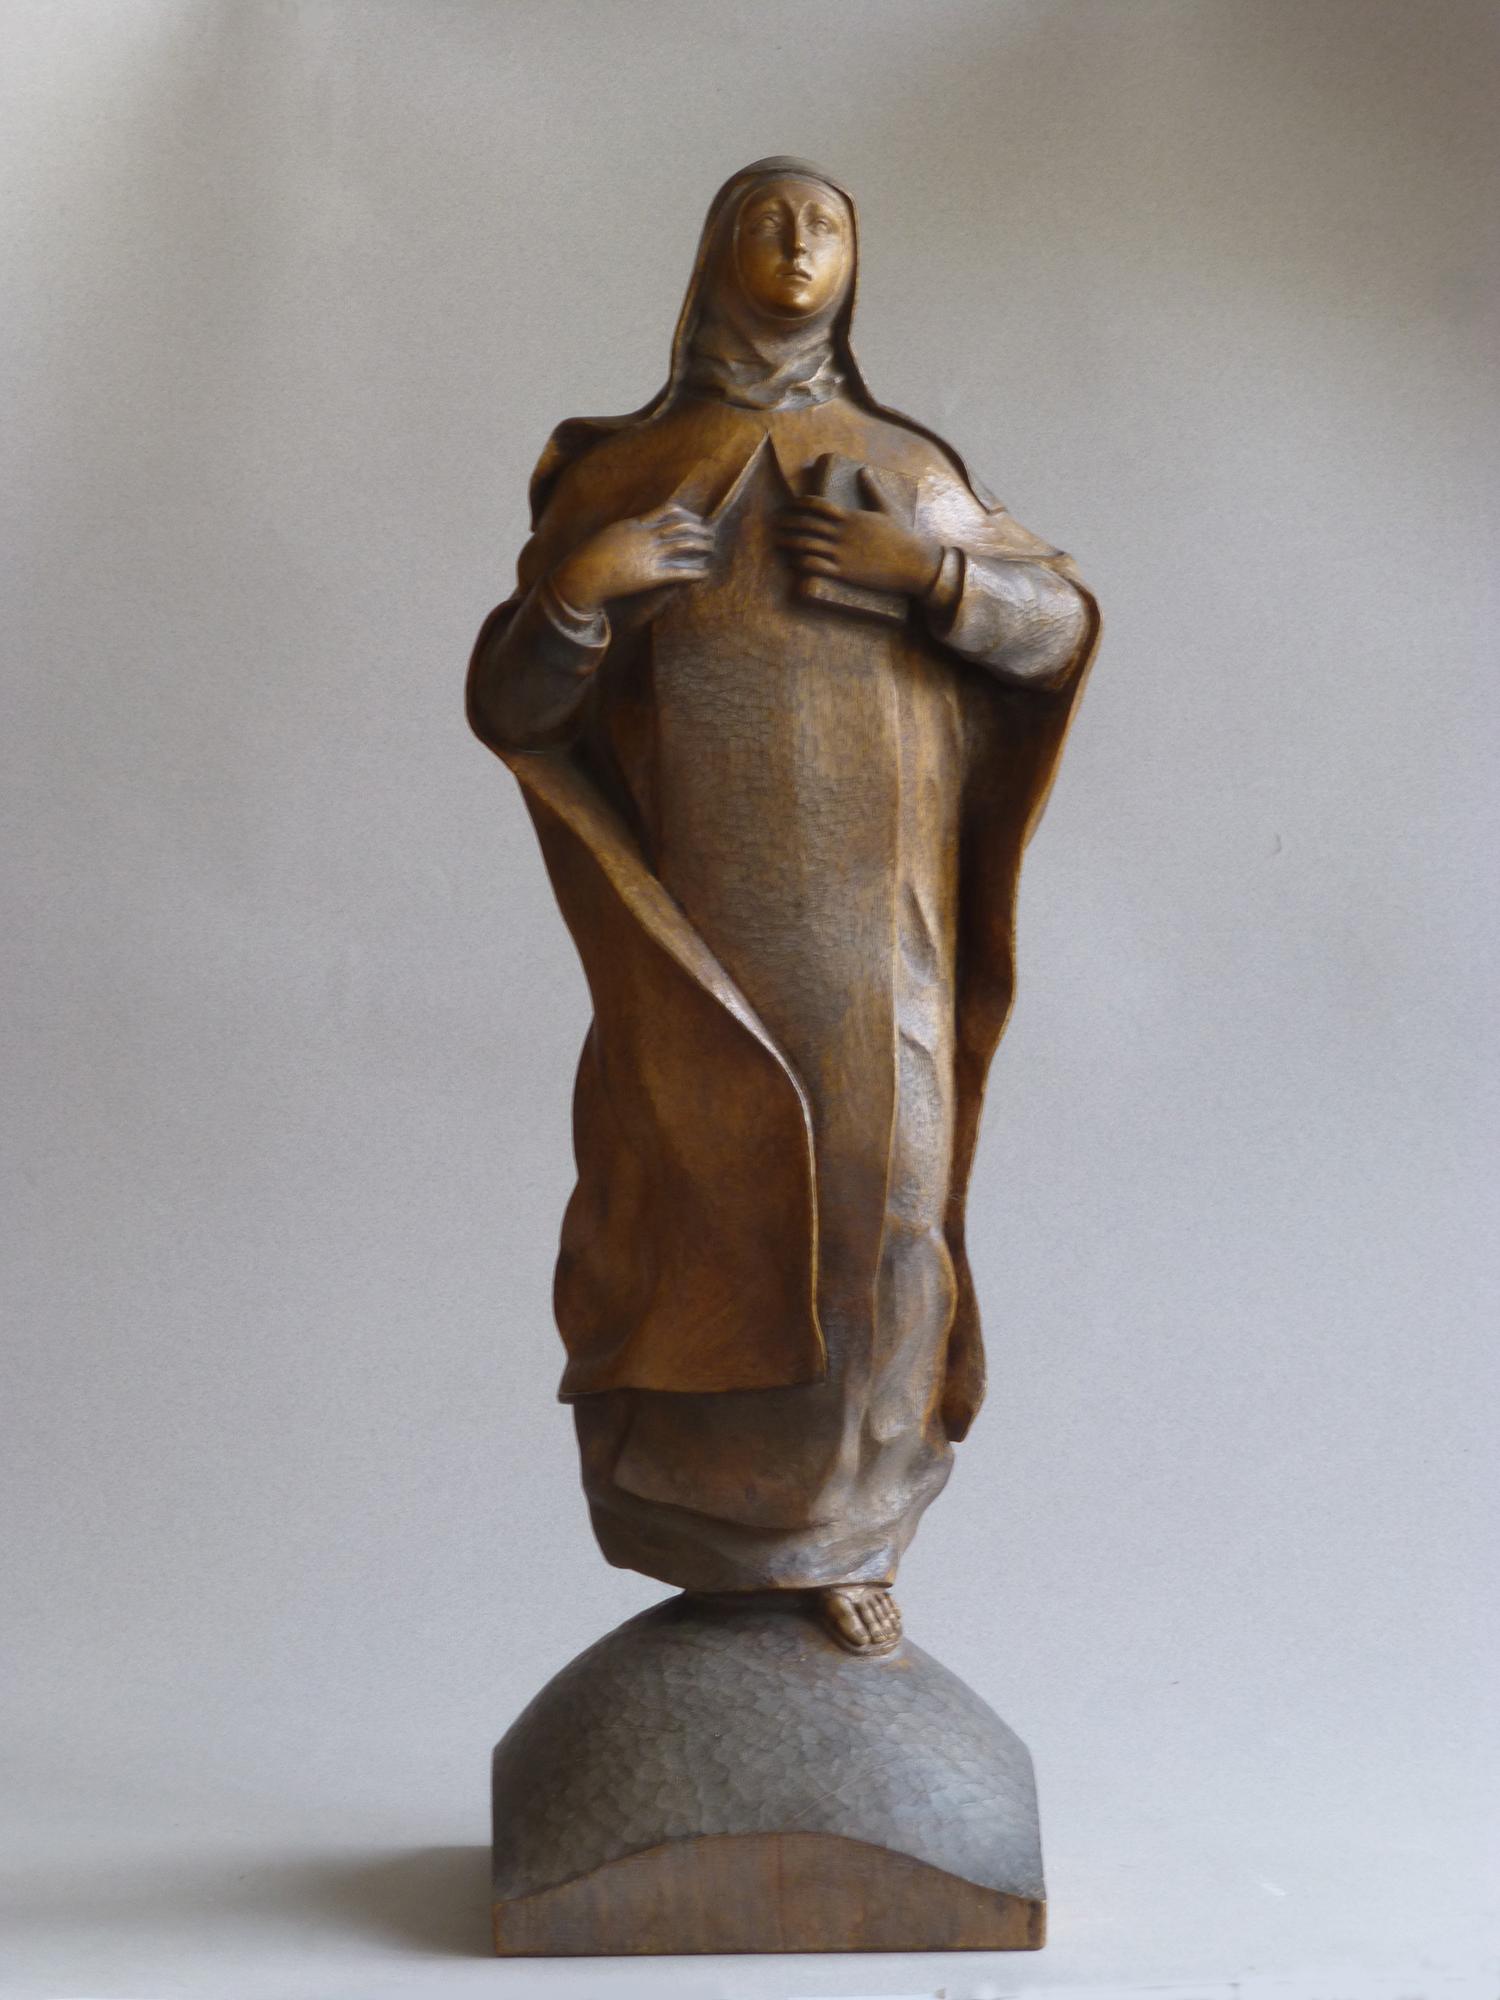 1953.2. Santa Teresa, boceto en madera de nogal, 53x20x09 cms. Boceto de la figura monumental para la fachada de la Iglesia de Santa Teresa y Santa Isabel en Madrid. 1953